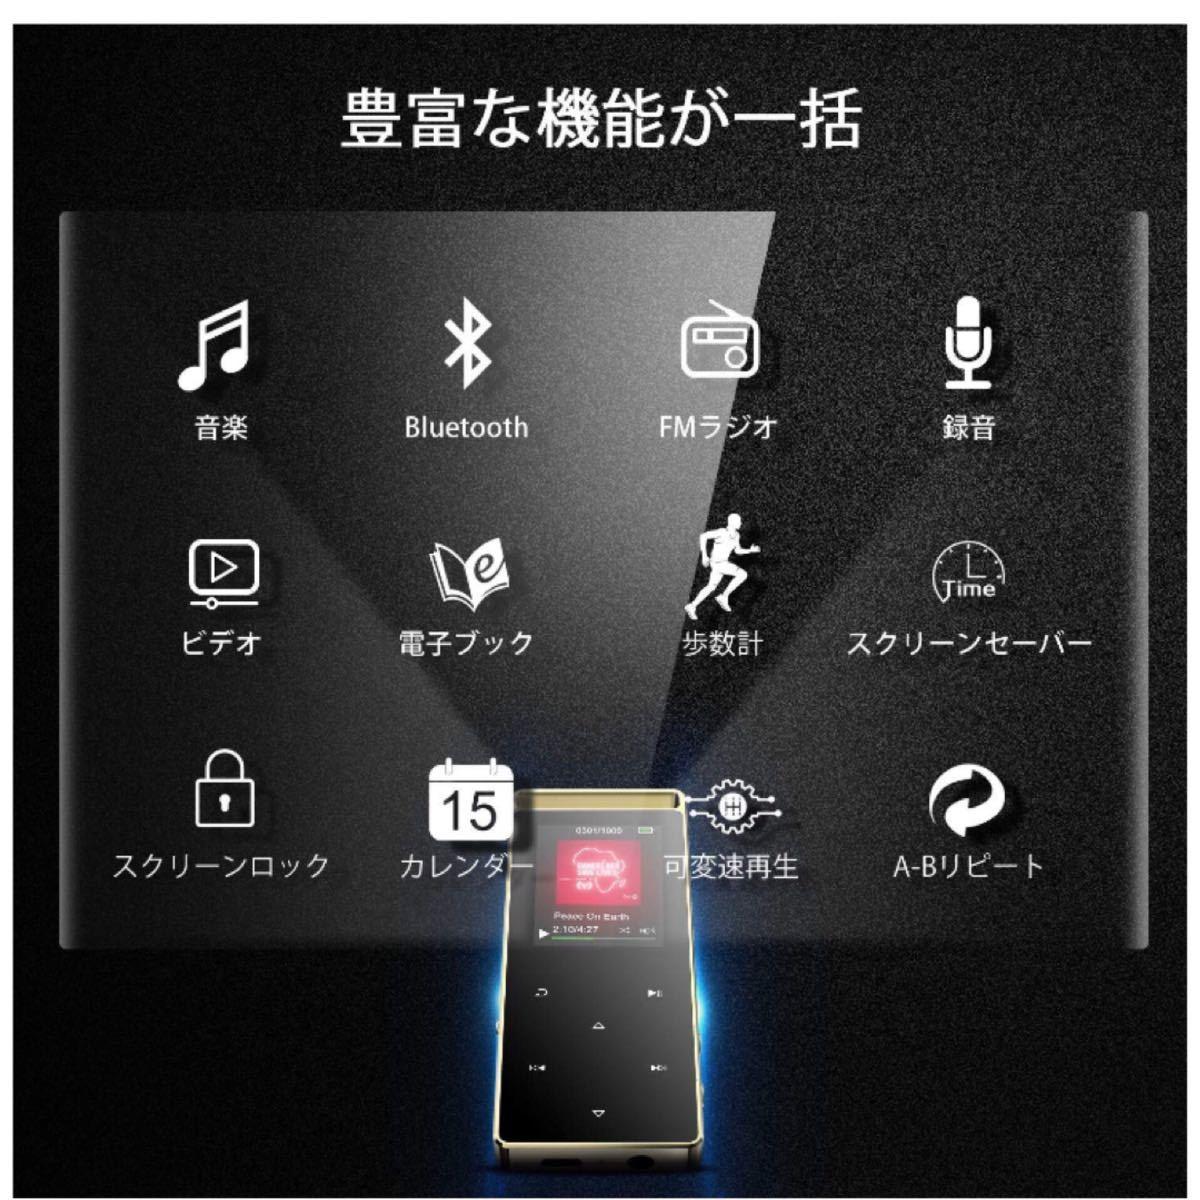 Bluetooth4.0対応 デジタルオーディオプレーヤー 超高音質 mp3プレーヤー _画像4